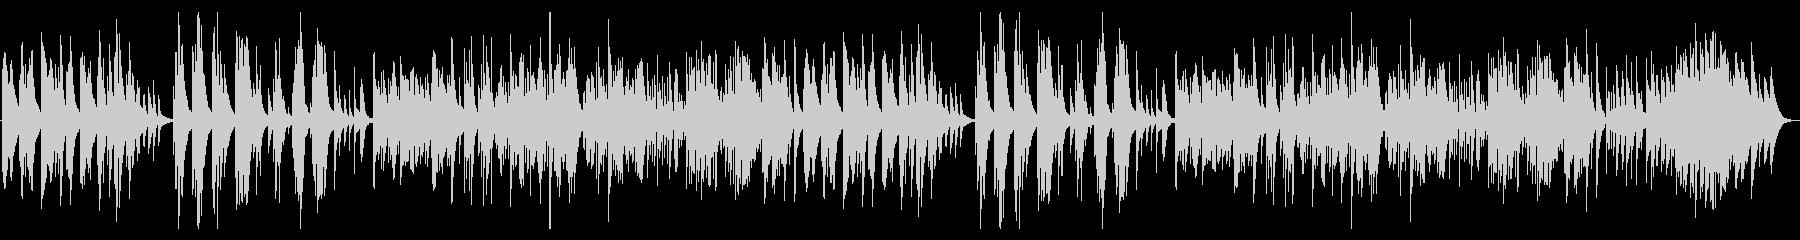 ゲーム・切ないピアノ曲の未再生の波形